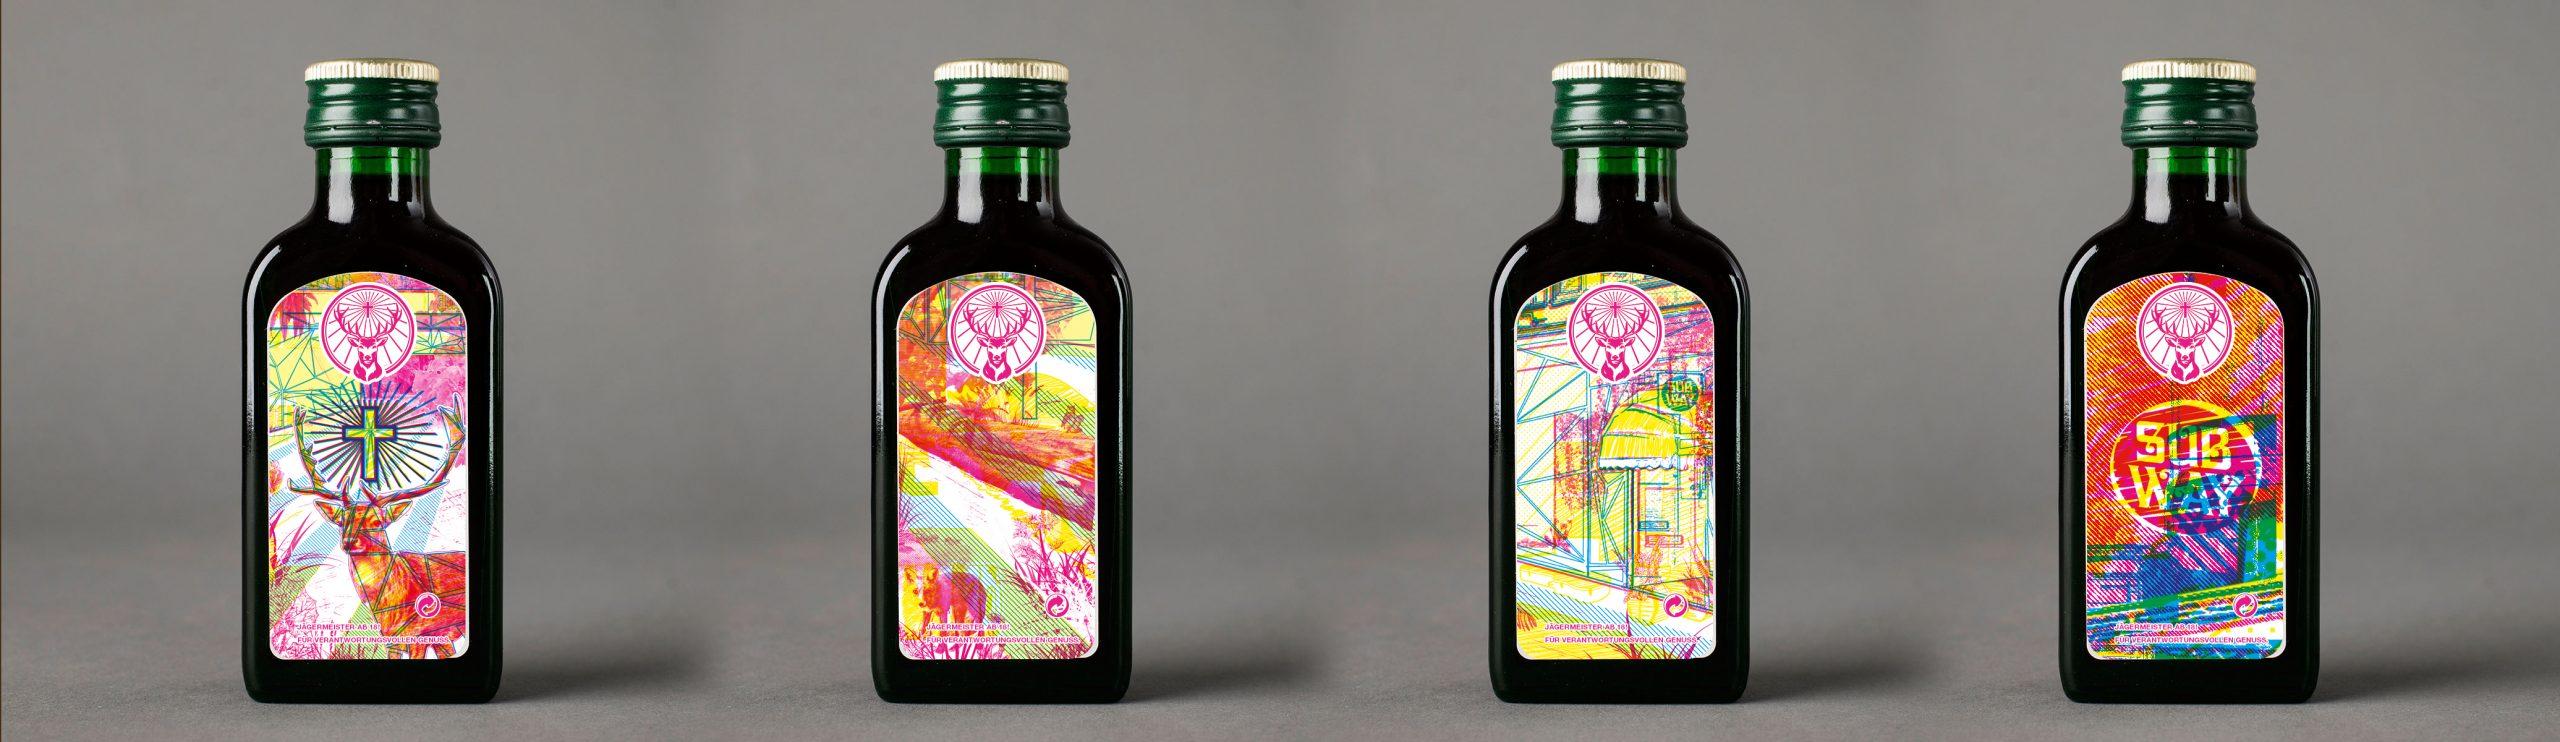 Jägermeister Mini-Flaschen Design Grafik Gestaltung